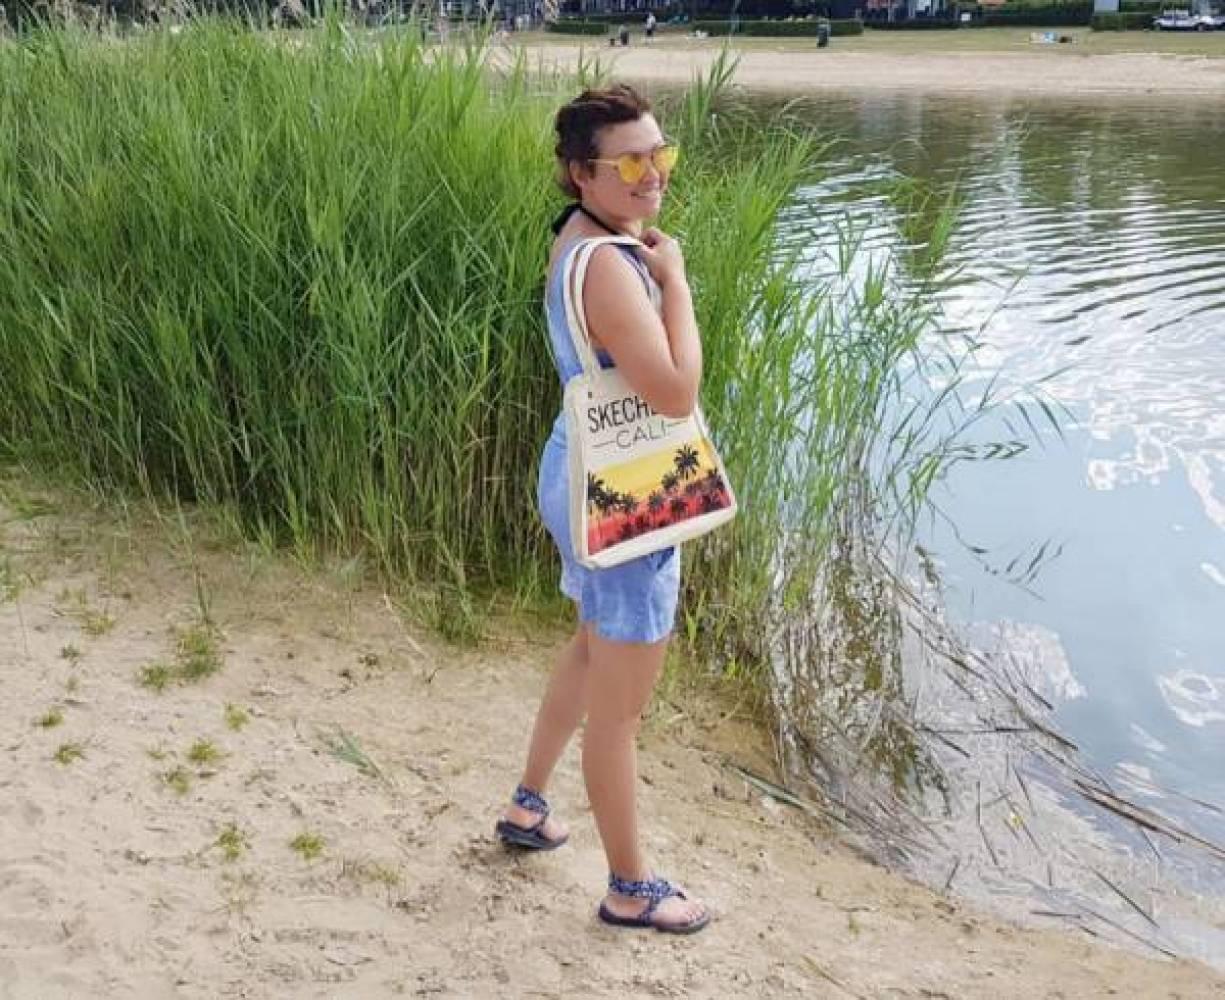 strand 1 - Ik ga naar het strand en ik neem mee..